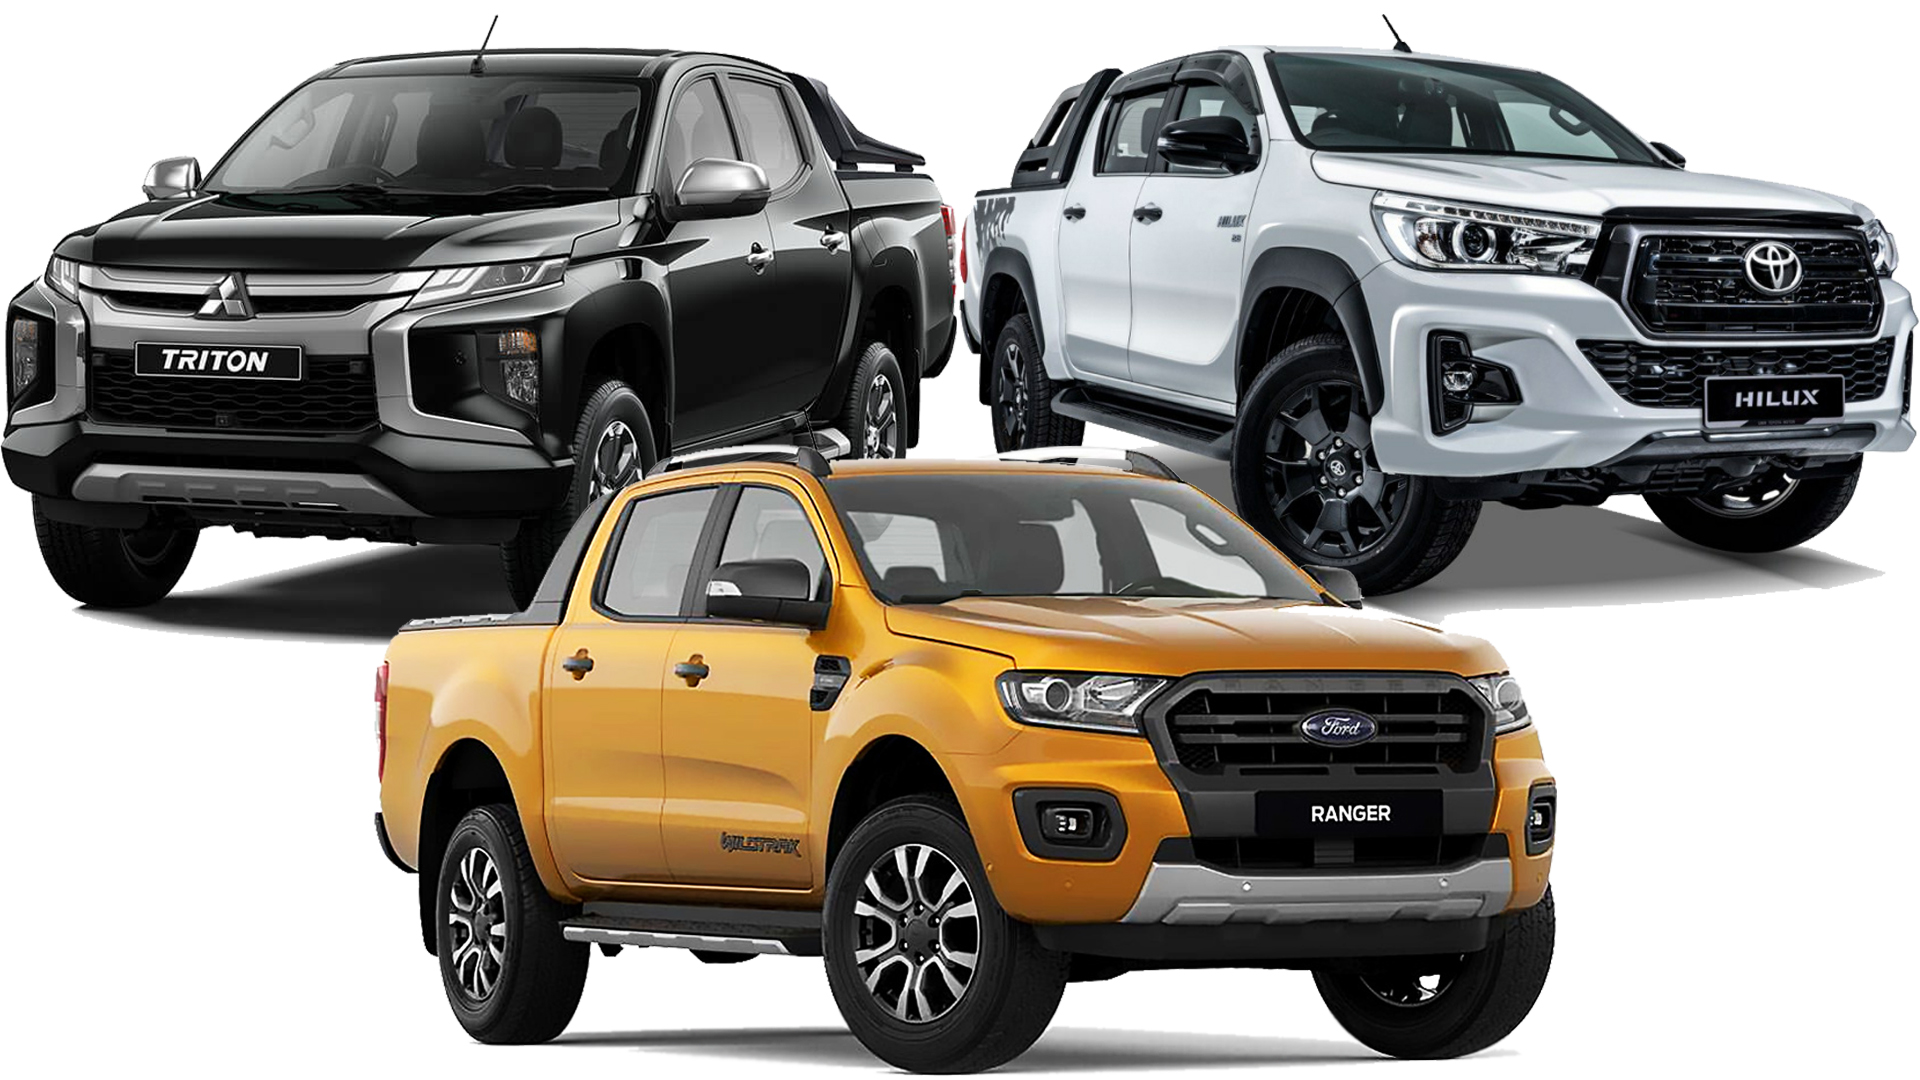 Kelebihan Toyota Ranger Murah Berkualitas